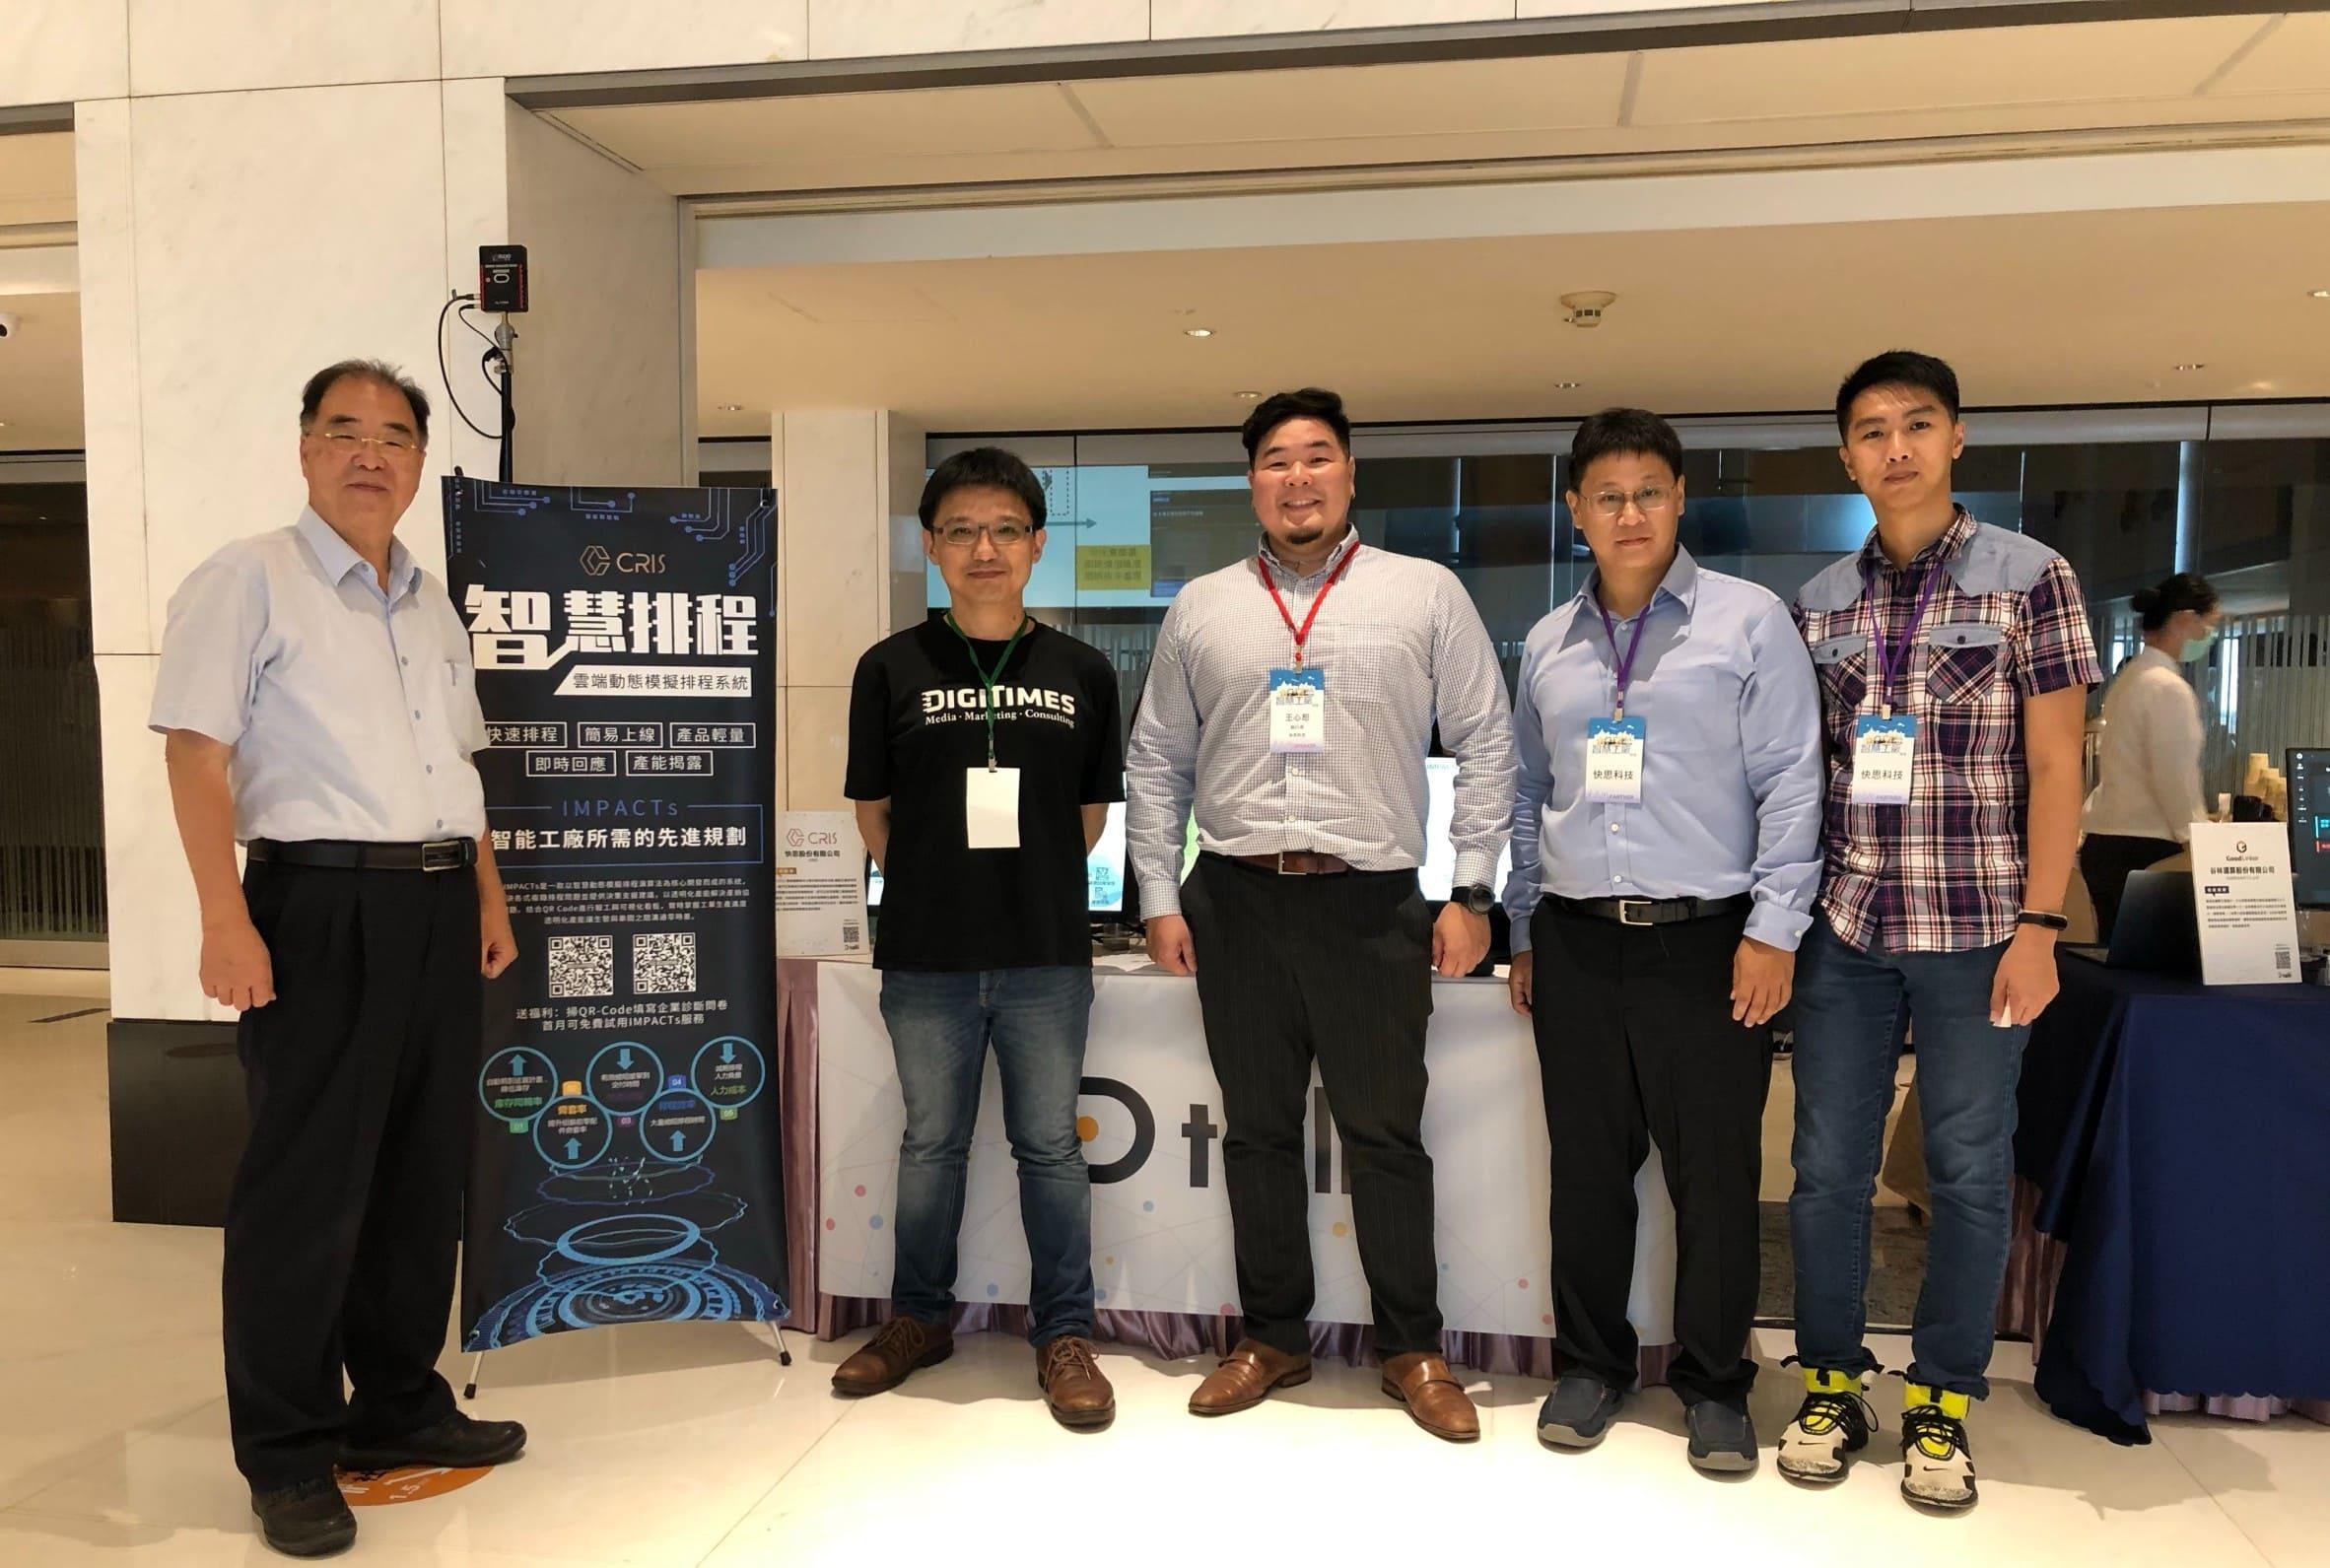 快思團隊參加 2020 DigiTimes 智慧工廠論壇活動